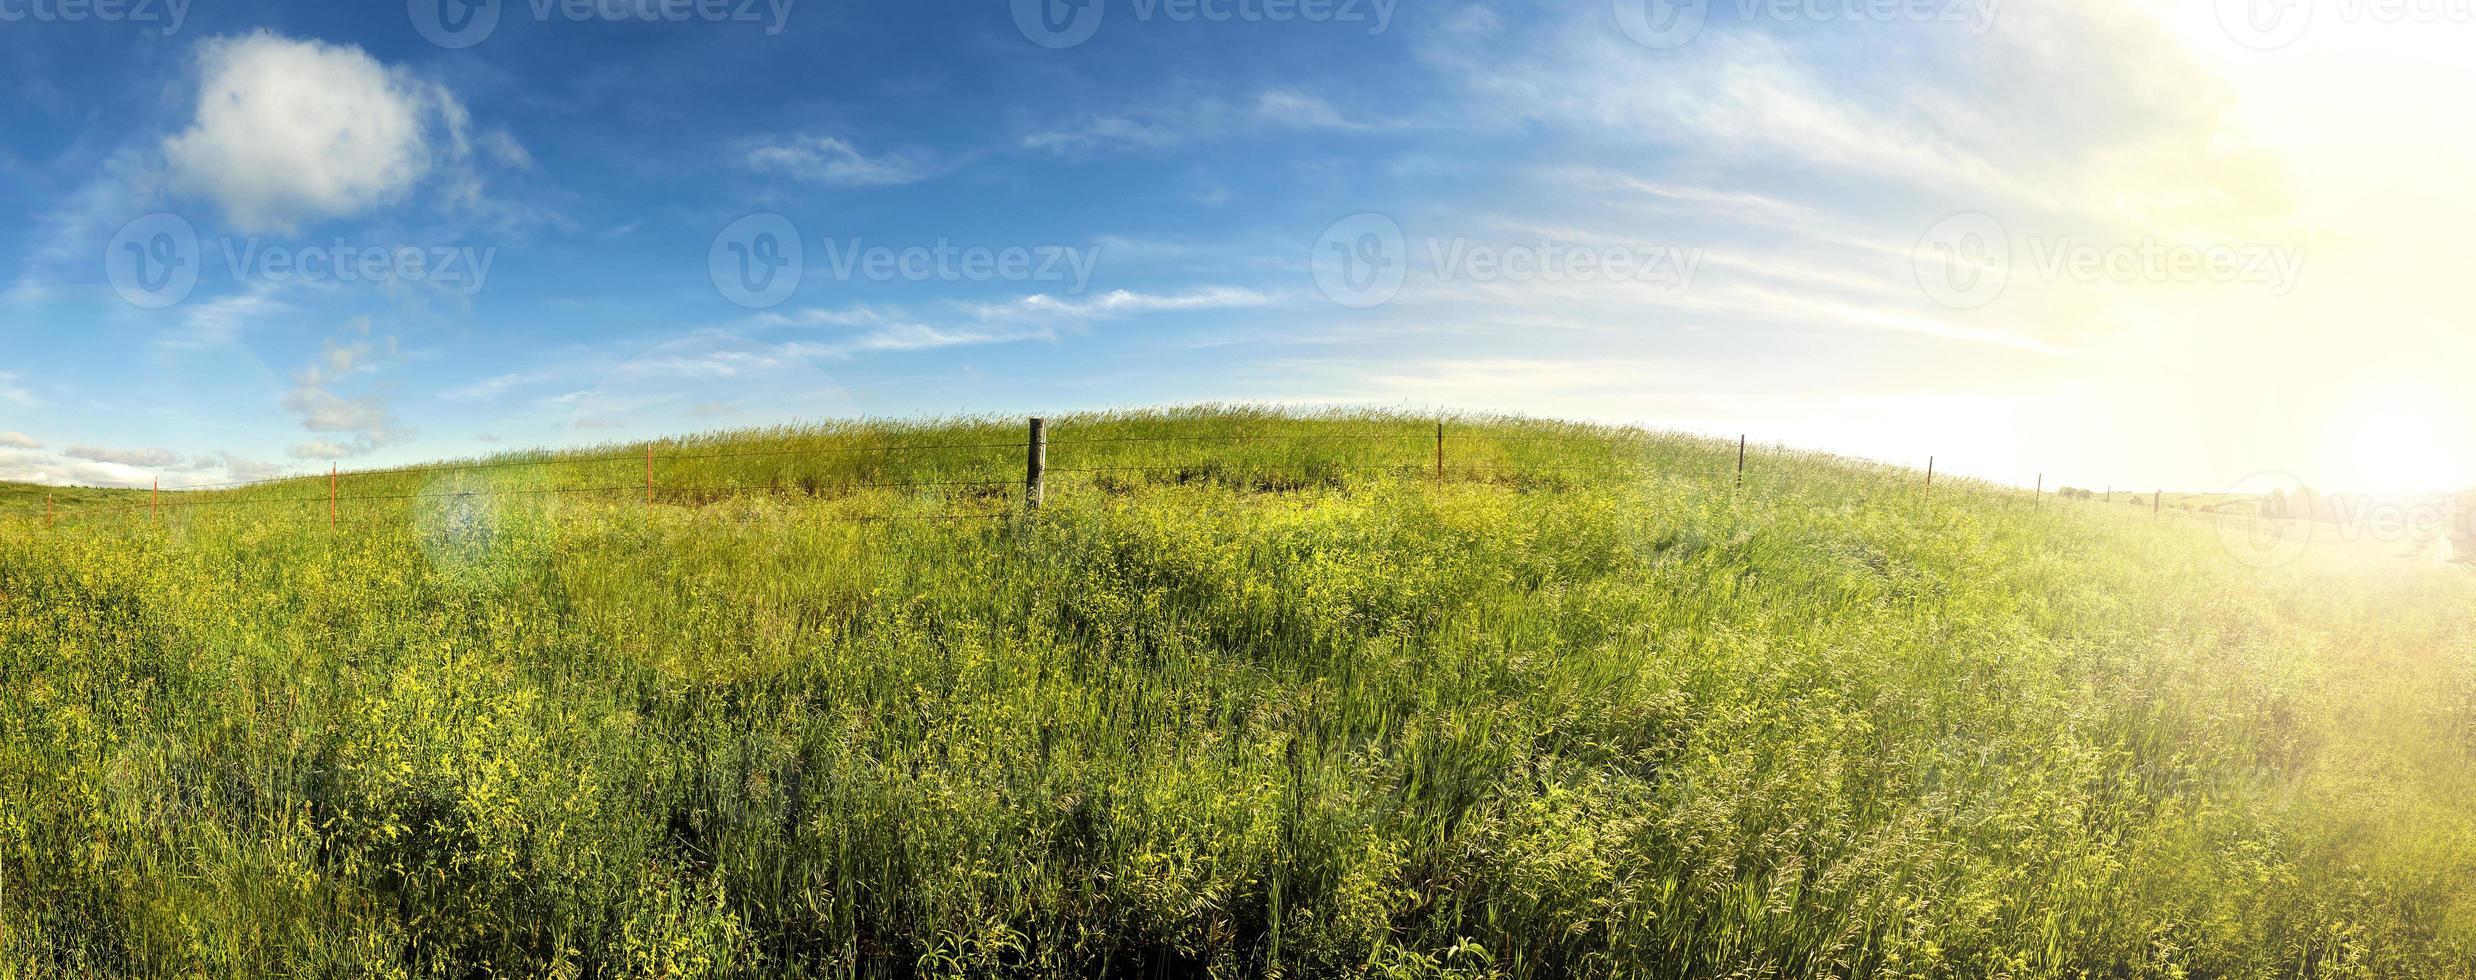 jours d'été, lever de soleil sur les terres d'herbe du sud du Dakota. photo